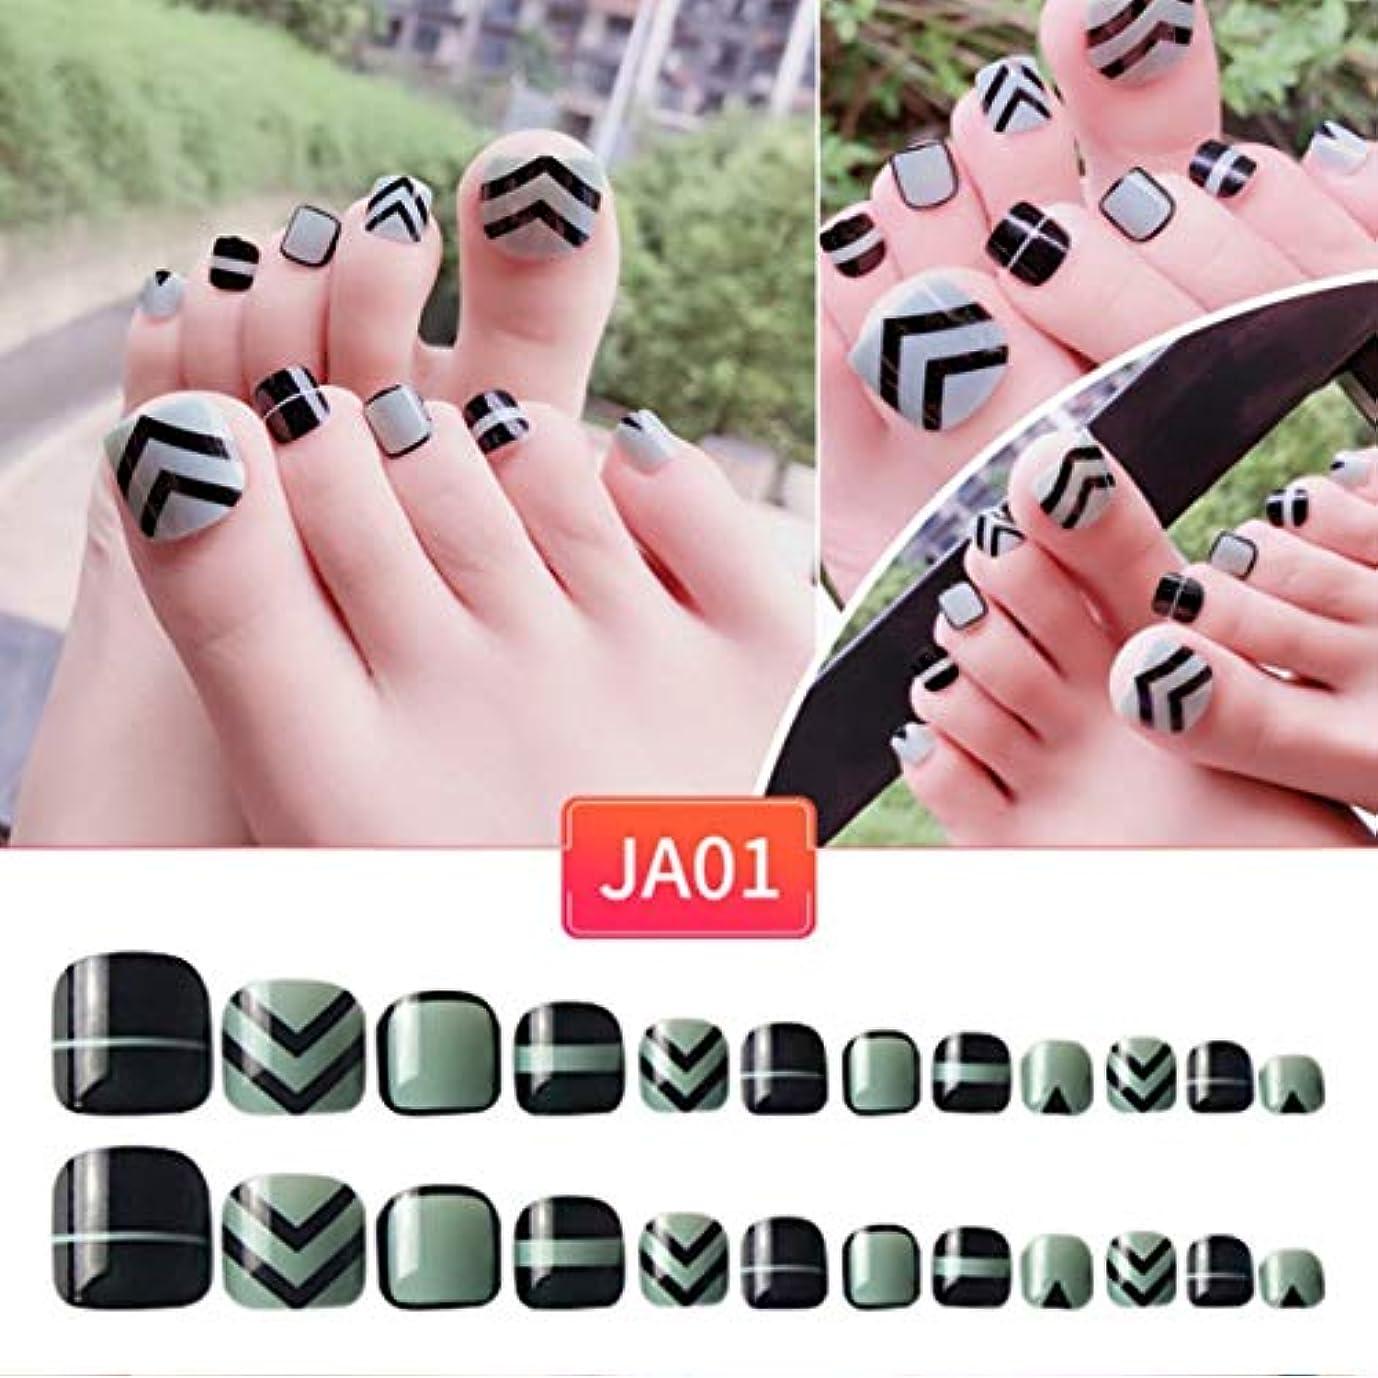 ストライド乳白色お茶足ネイルステッカーアクリル偽足ネイル偽のネイルアートの指の爪フルヒットソリッドネイルパッチのステッカー(1)